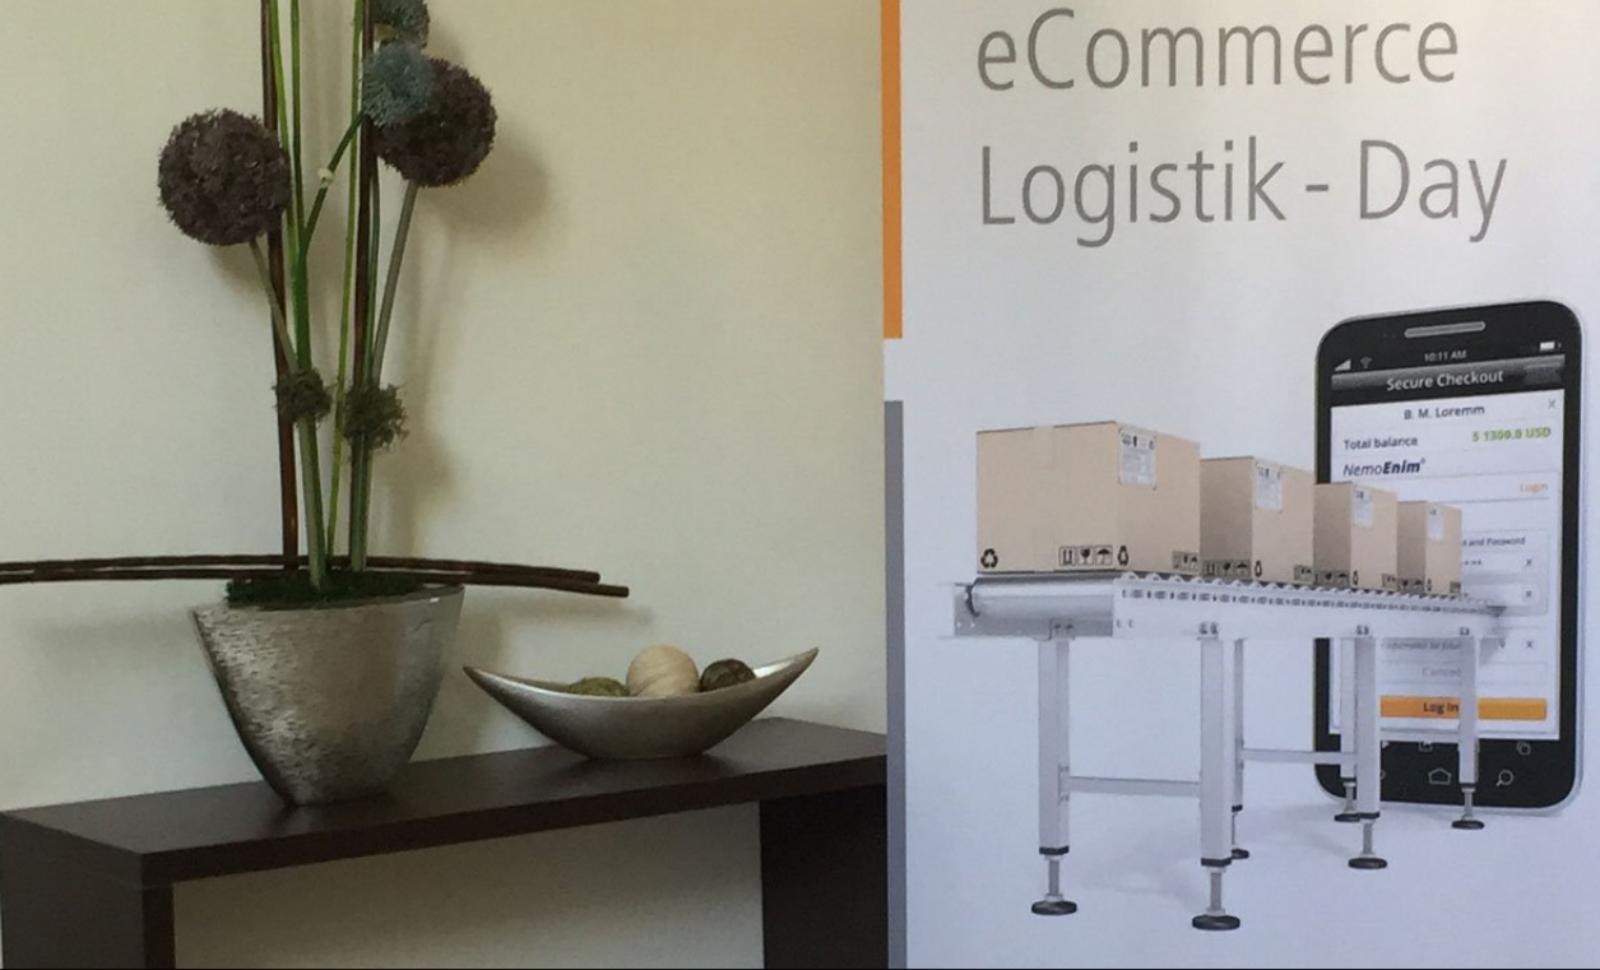 3. eCommerce Logistik-Day – Wien, 26.09.2018 // Warum sollten Sie dabei sein?